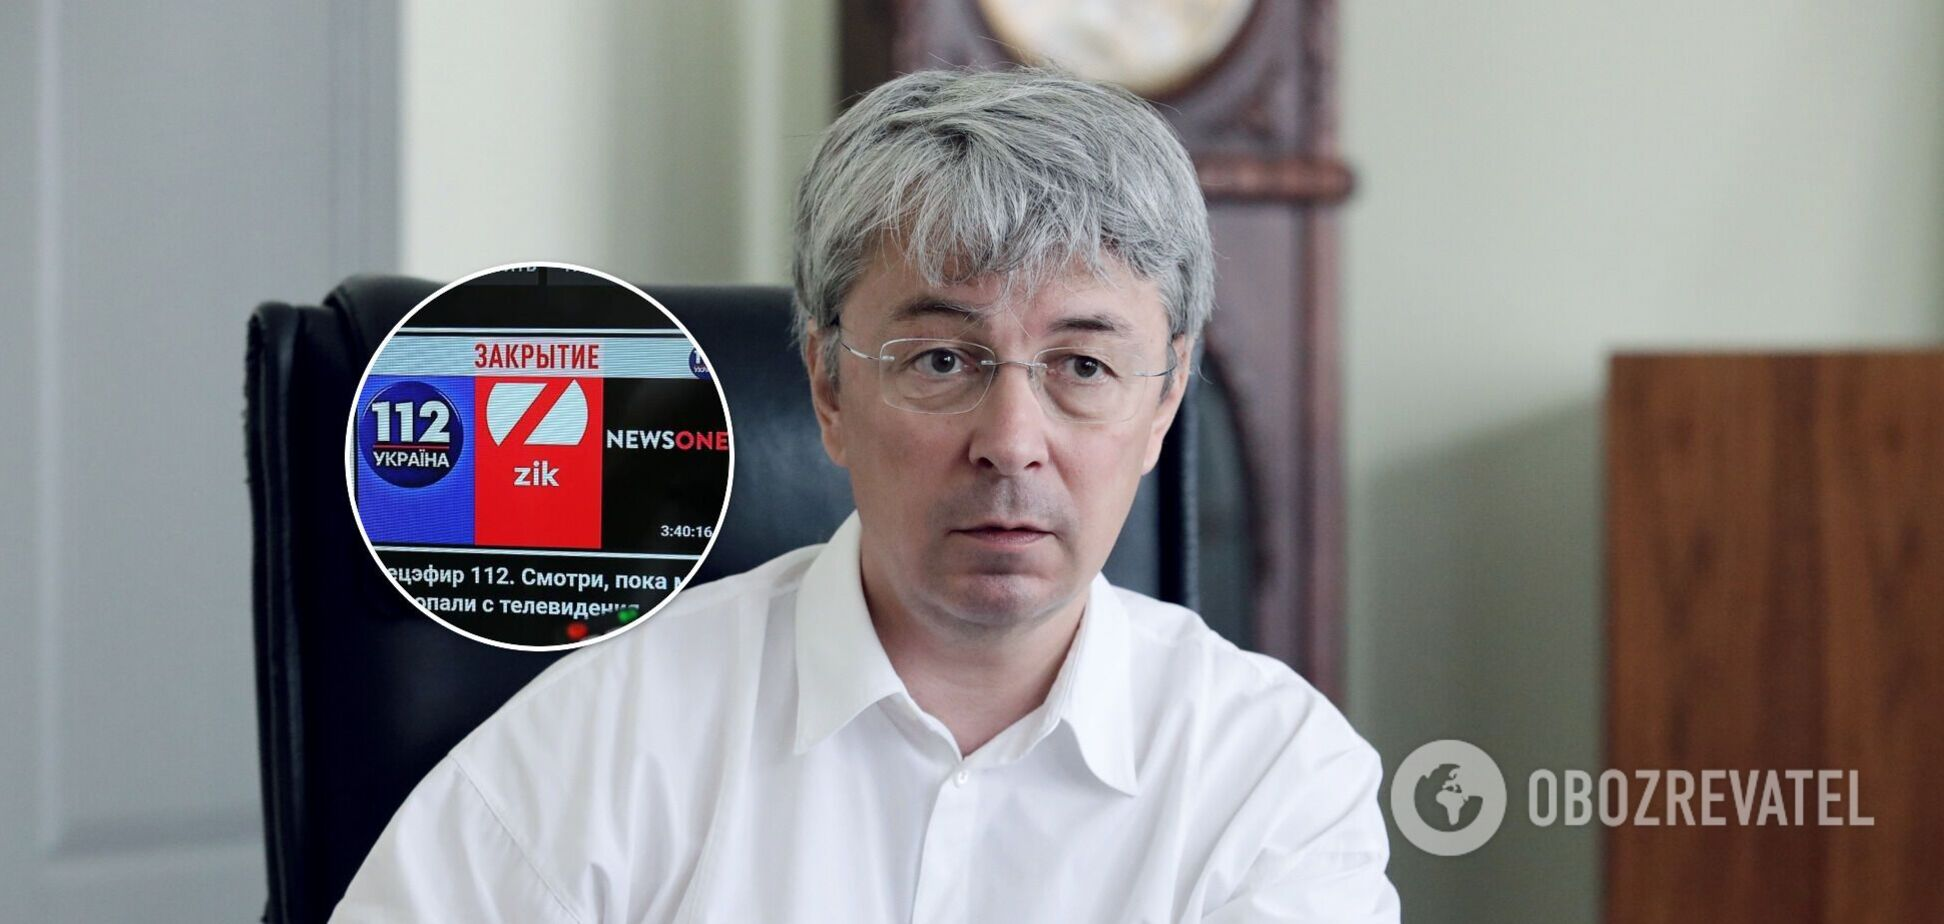 Ткаченко о закрытии '112 Украина', ZIK и NewsOne: юридические основания появились только сейчас